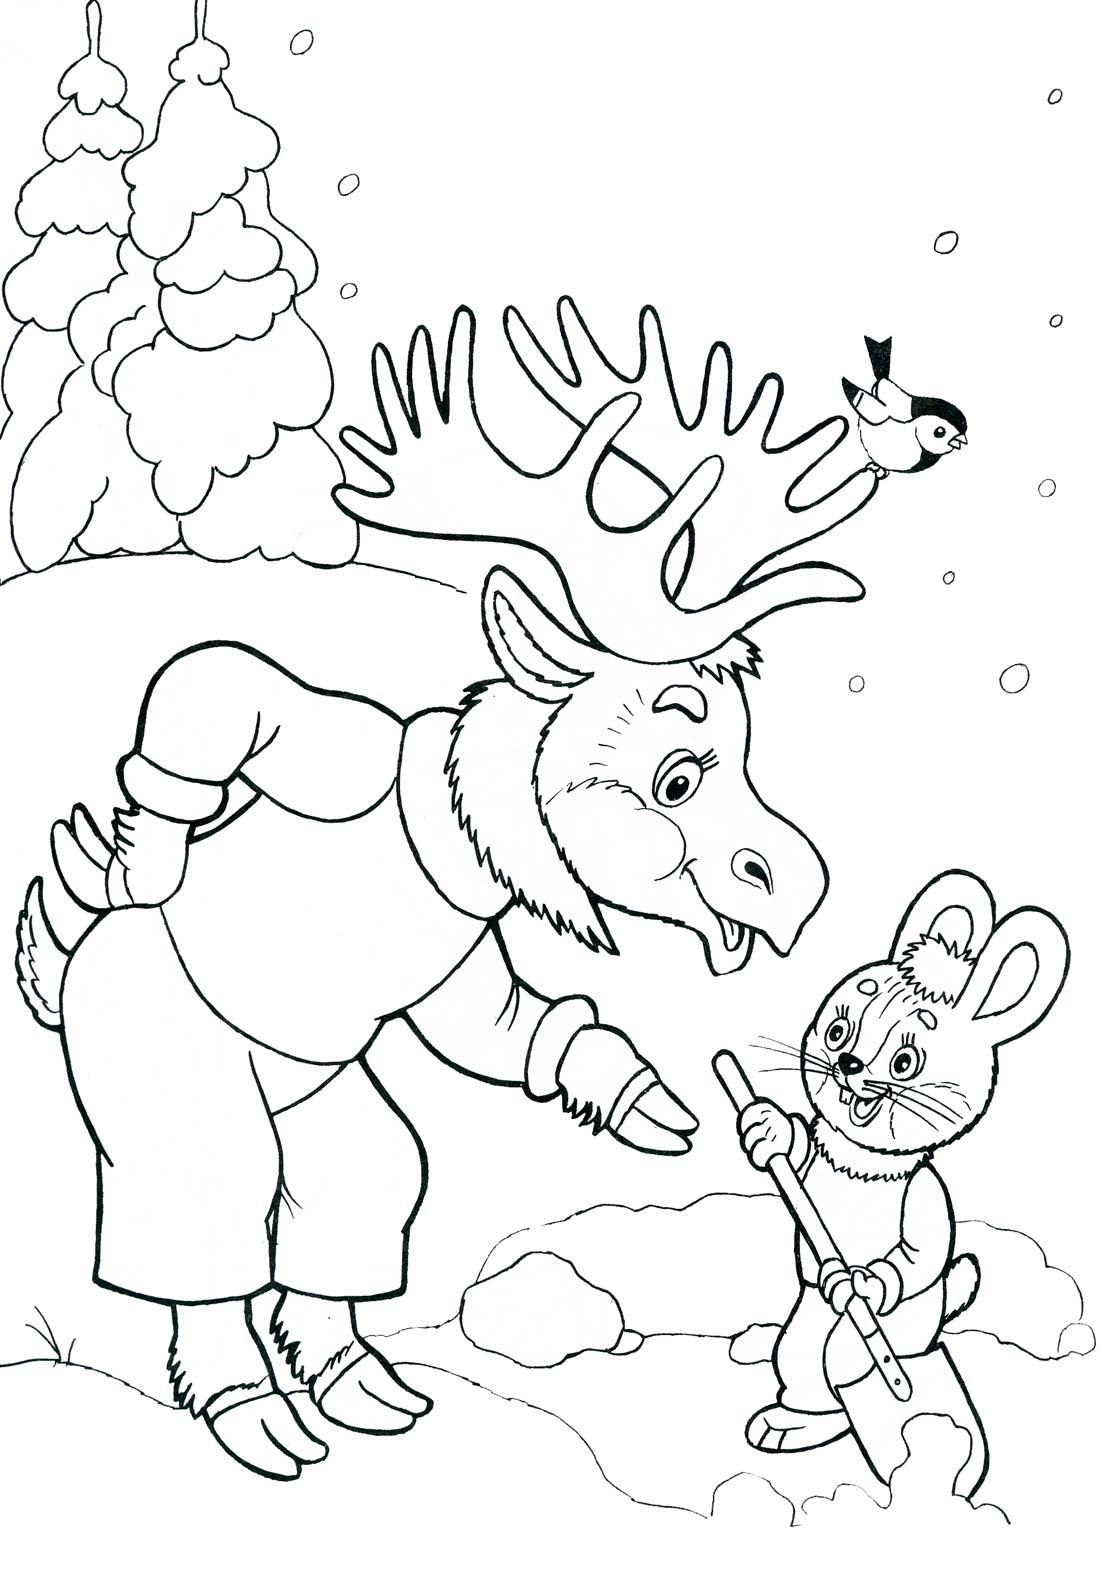 Зайчик чистит снег и разговаривает с оленем Детские раскраски зима распечатать